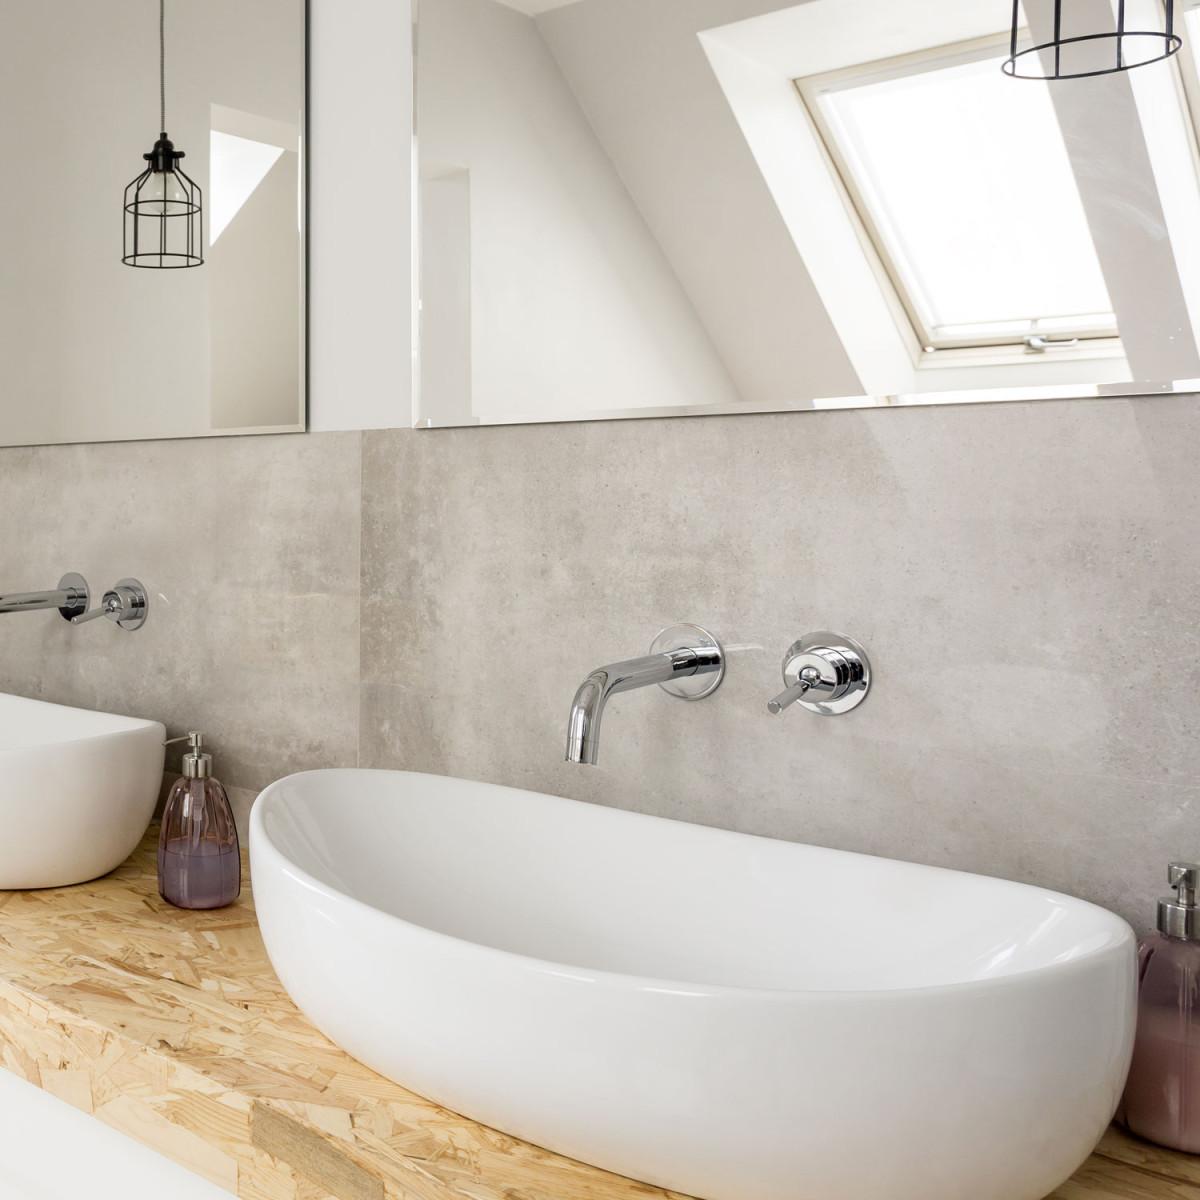 b ton cir salle de bain douche italienne enduit d coratif mural kit. Black Bedroom Furniture Sets. Home Design Ideas